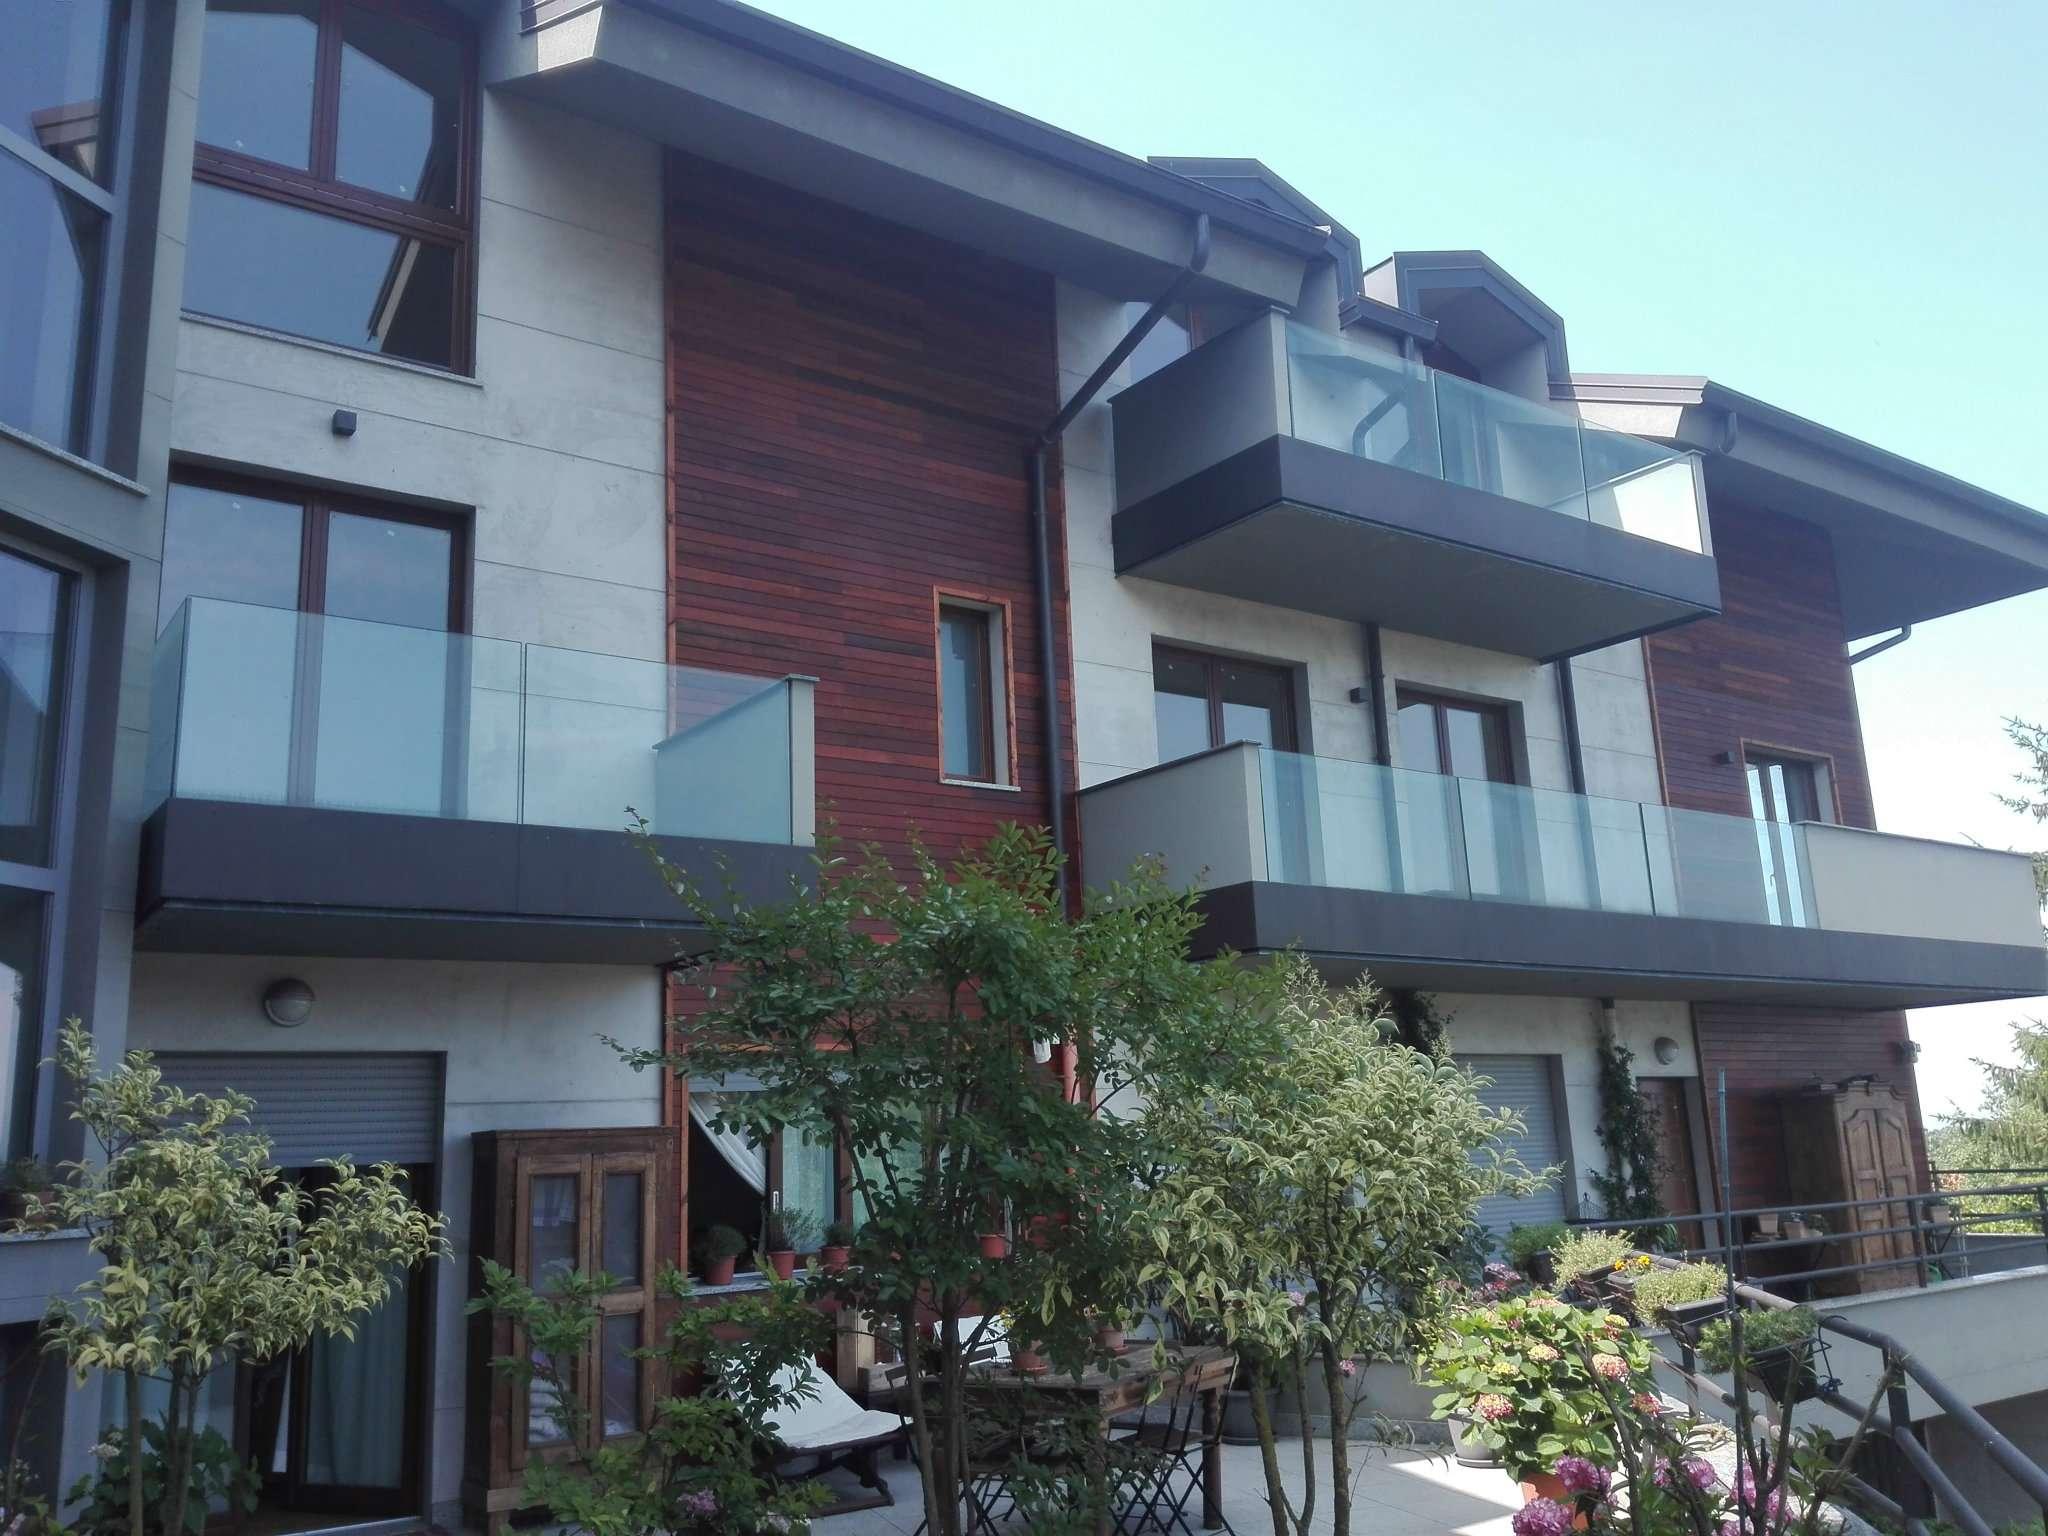 Appartamento in vendita a Pecetto Torinese, 9999 locali, prezzo € 290.000 | CambioCasa.it